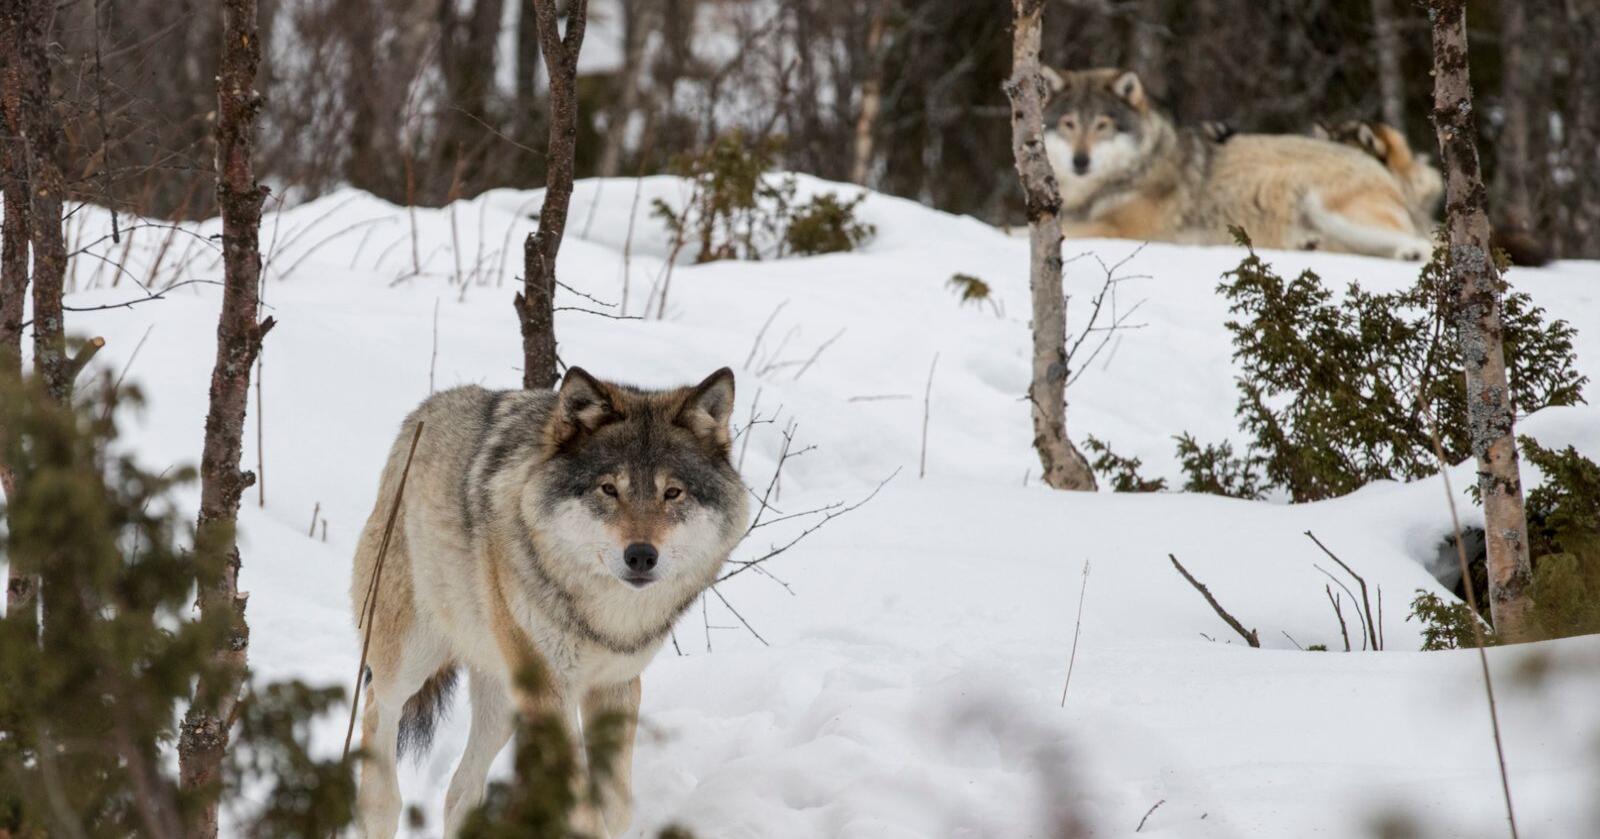 Arbeiderpartiet og Sosialistisk Venstreparti ønsker ikke å senke bestandsmålet for rovdyr i Norge. Foto: Heiko Junge / NTB